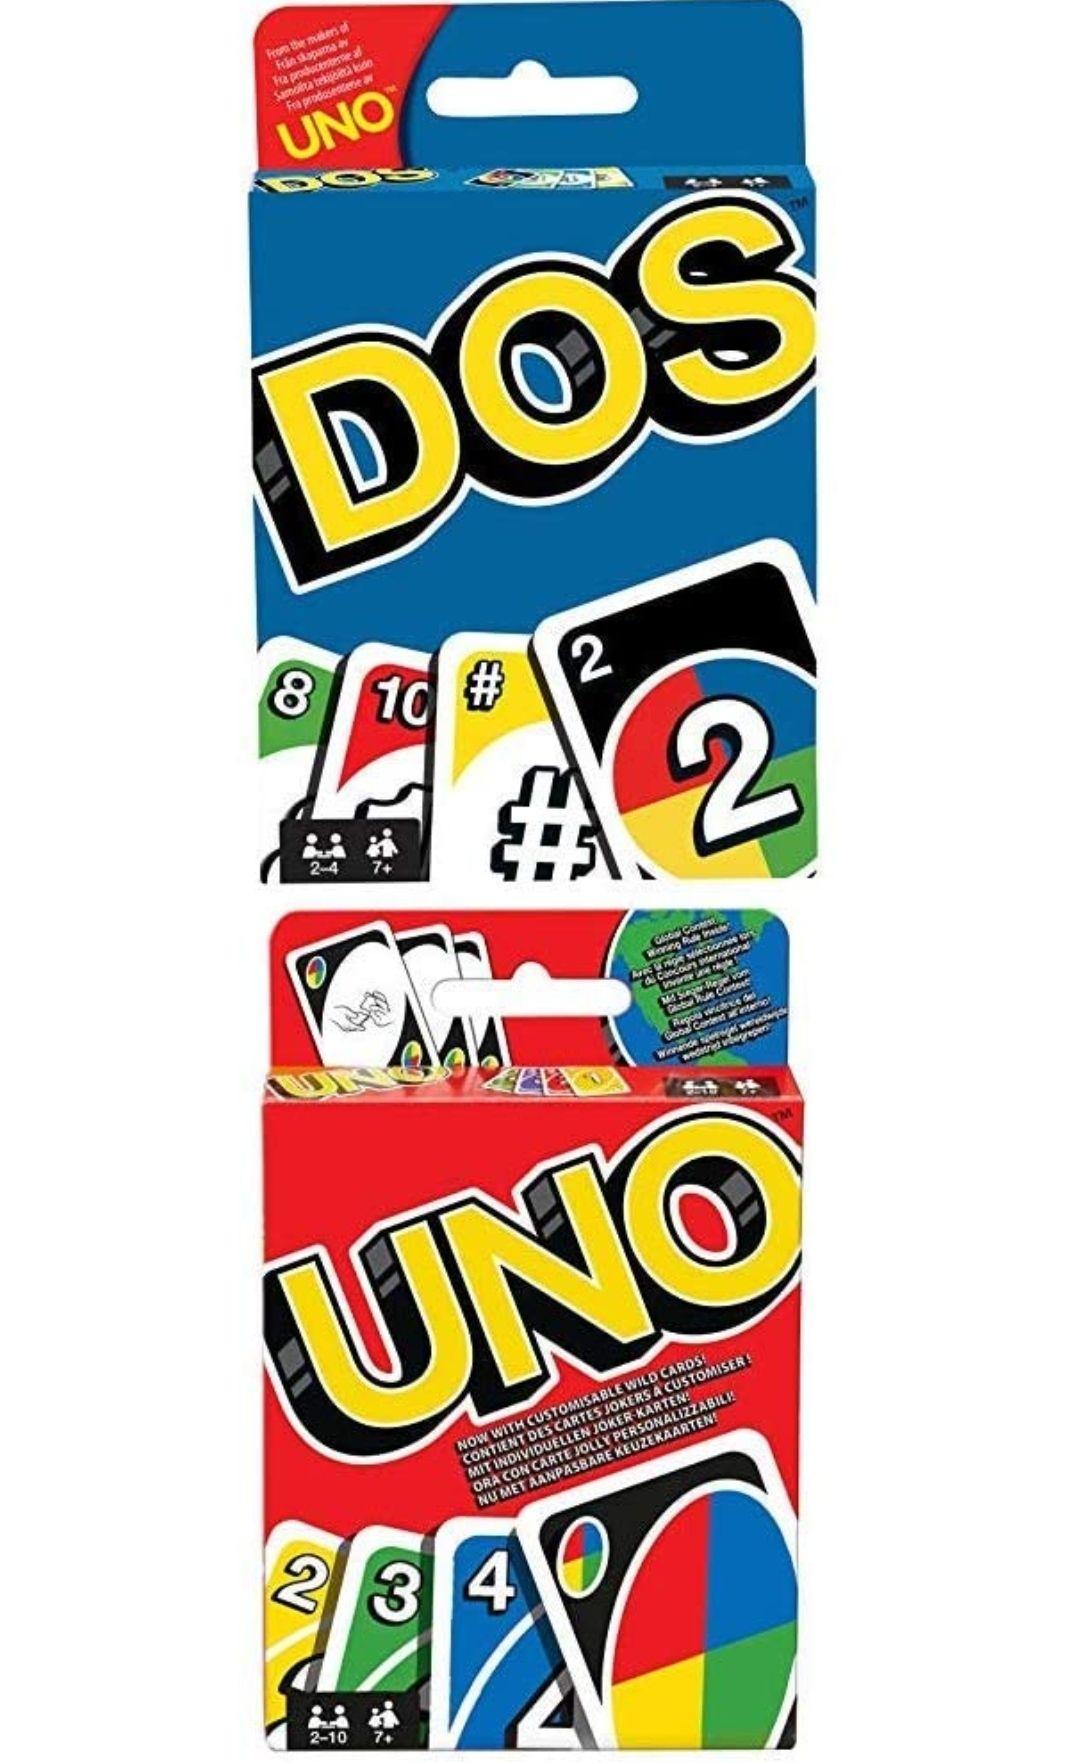 Pack de juegos UNO + DOS